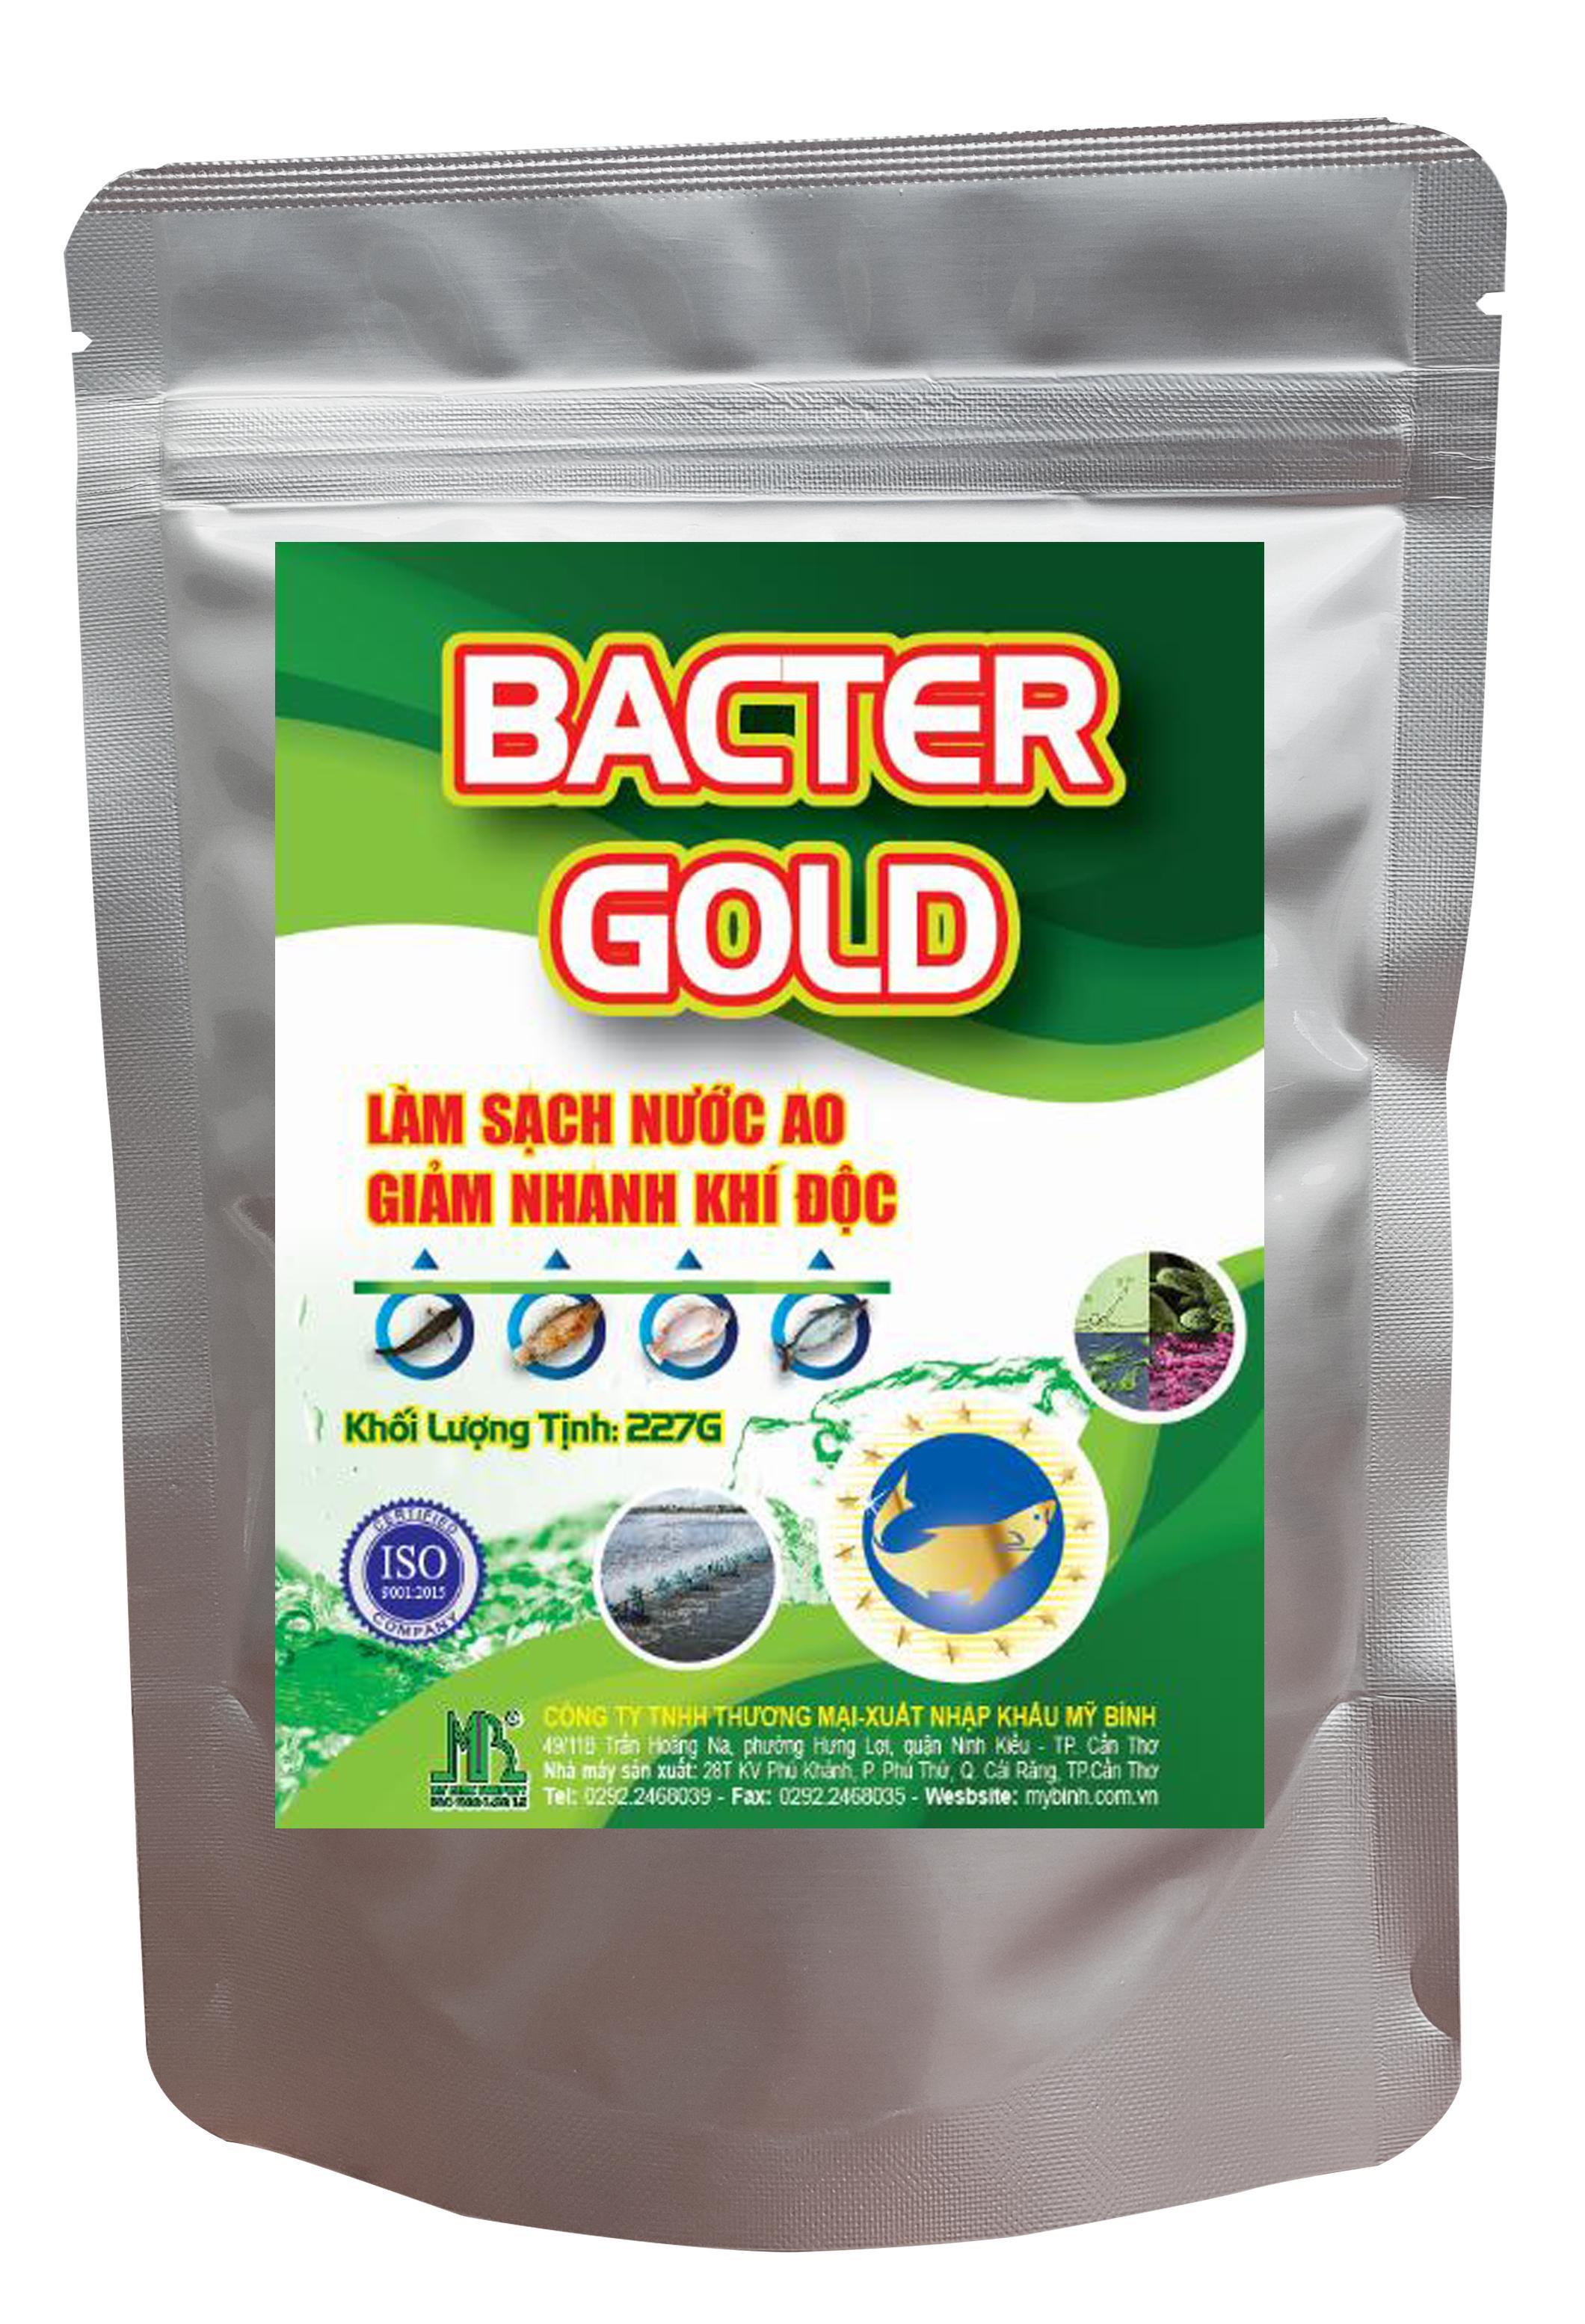 BACTER GOLD - Làm sạch nước ao giảm nhanh khí độc trong ao cá